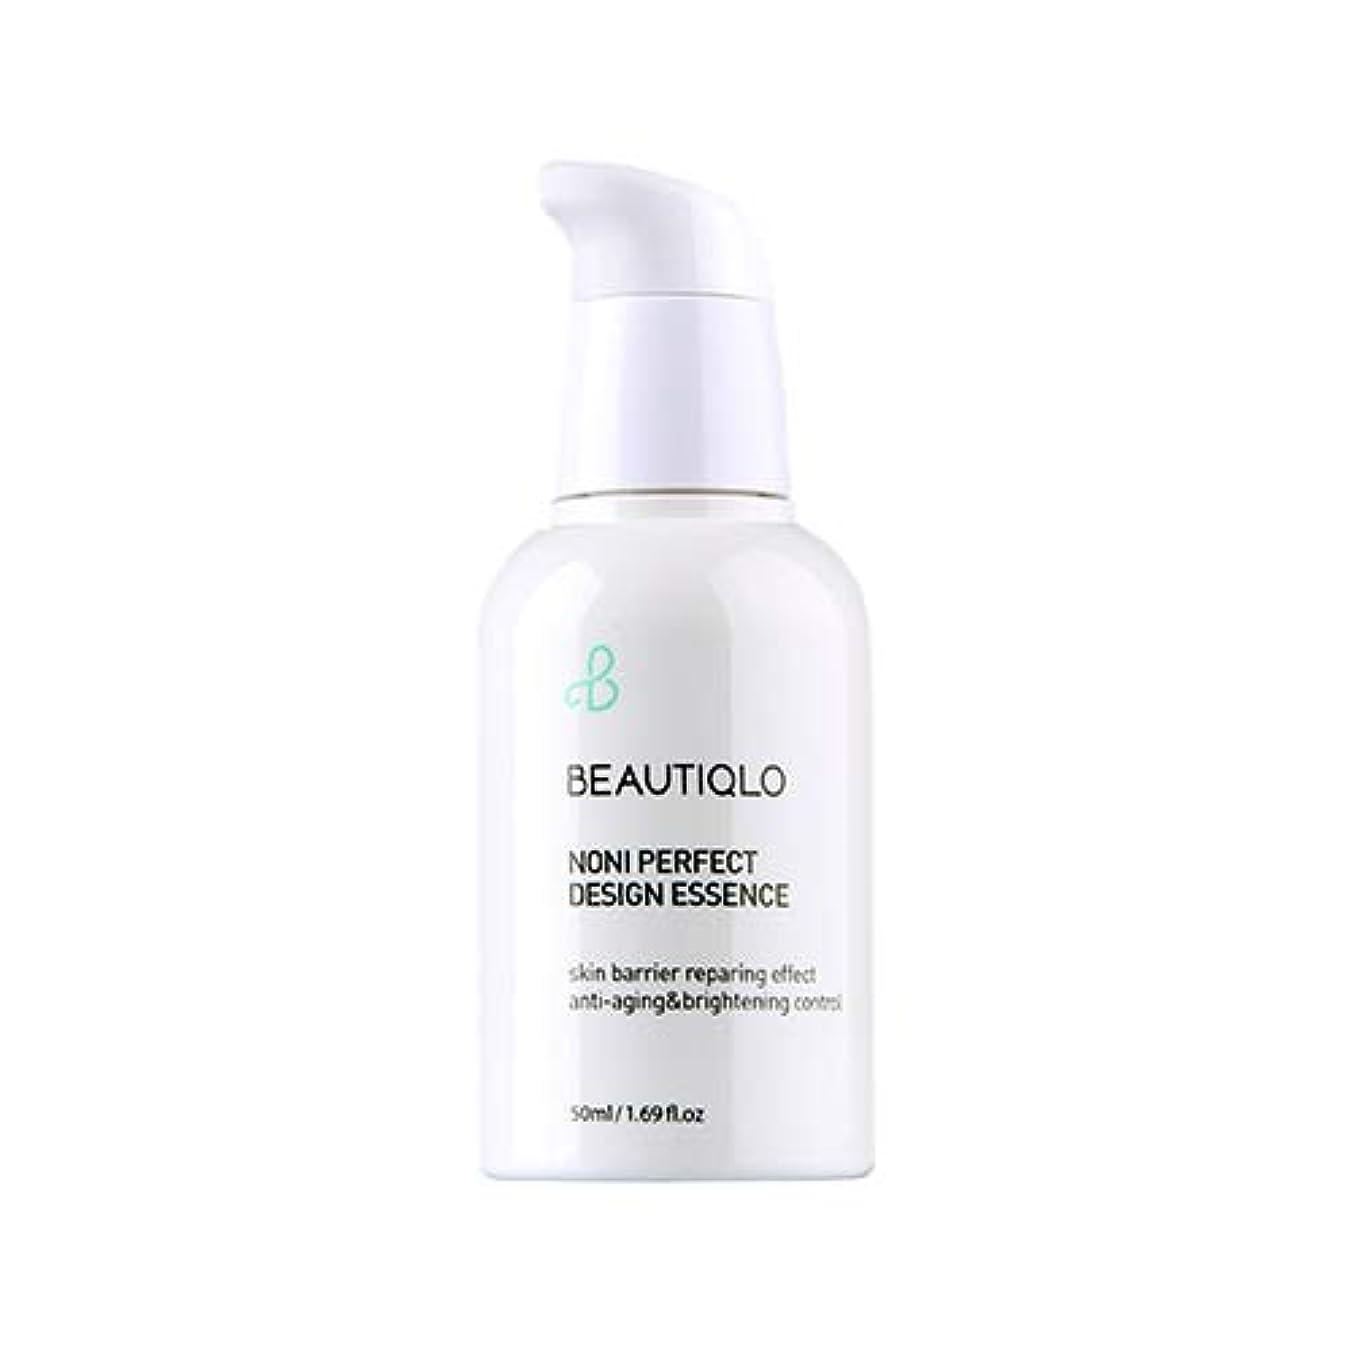 有料情熱聖人韓国化粧品 BEAUTIQLO NONI PERFECT DESIGN ESSENCE ビューティクロ ノニパーフェクトデザインエッセンス